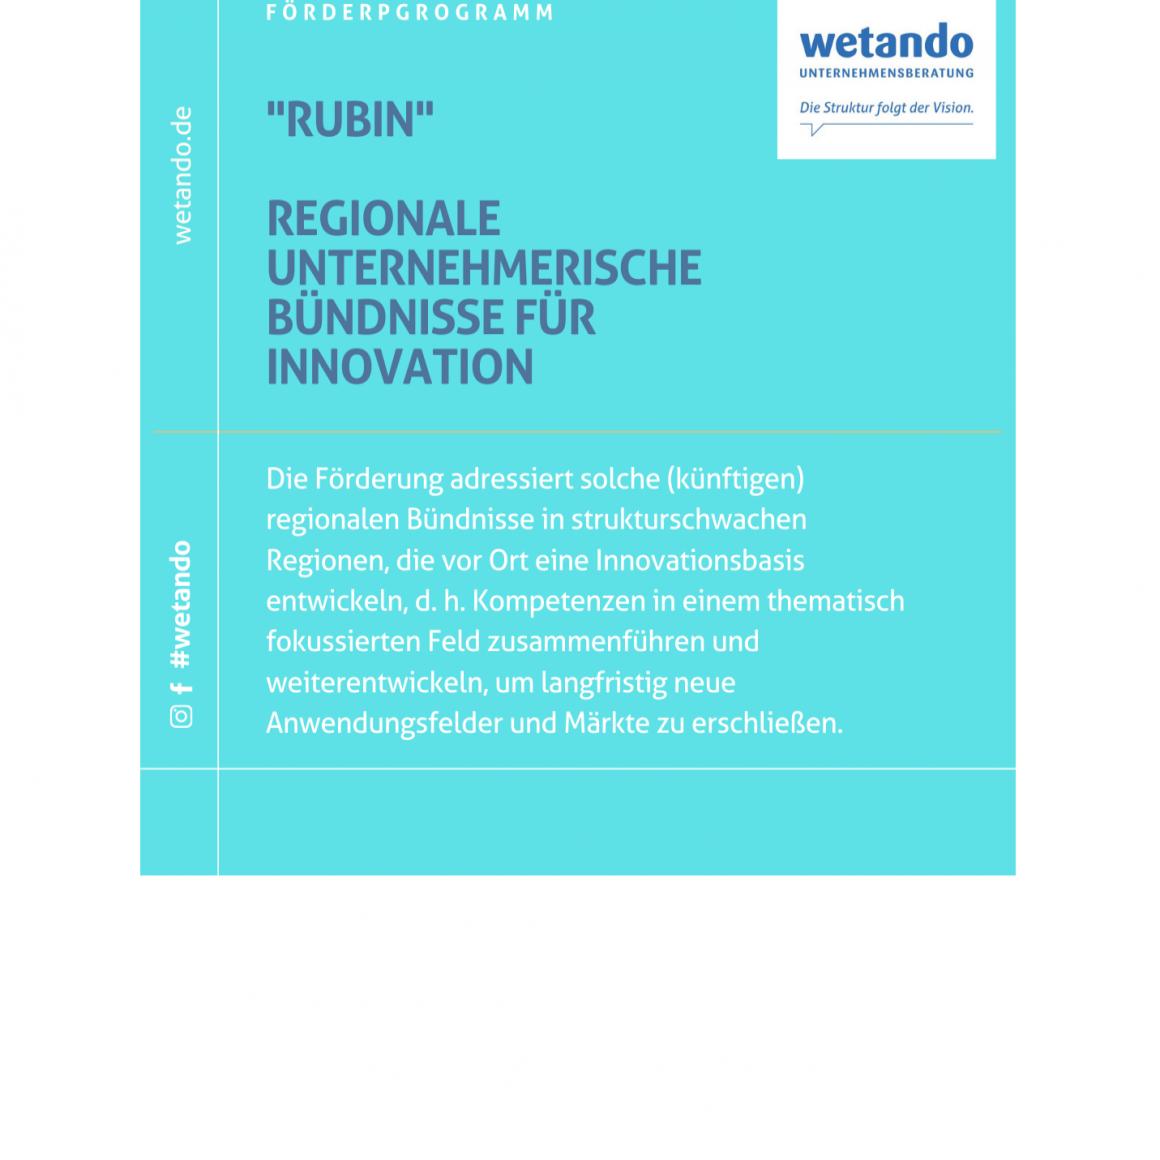 Förderung regionaler Unternehmensbündnisse